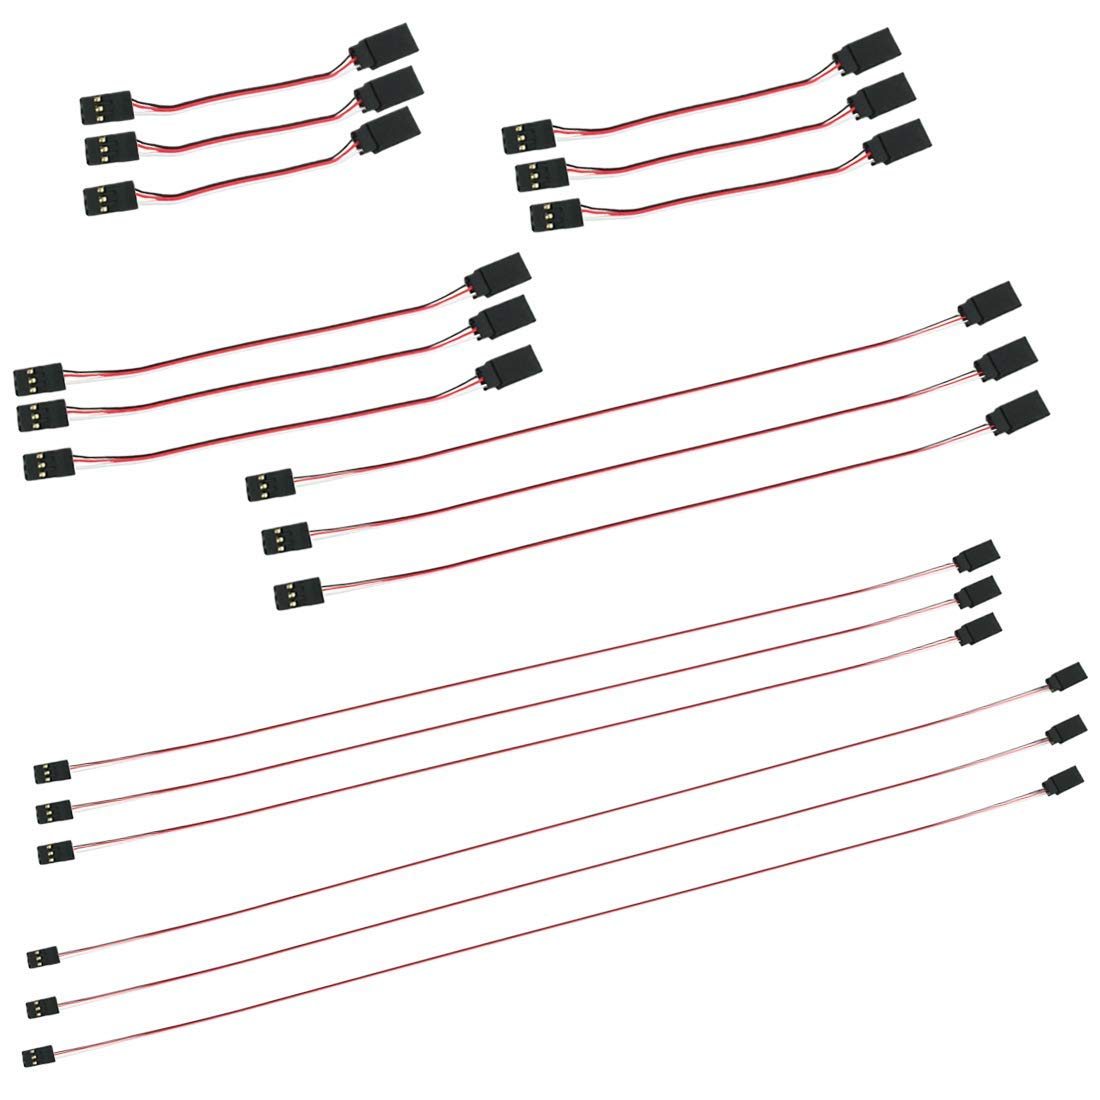 Kalevel JR Spektrum Futabaスタイル サーボ延長ワイヤーコード 3ピン LEDコネクター オス-メス サーボケーブル RC延長プラグ サーボ延長接続コントロールボード リモートコントロールパーツ用 M ブラック 38288719934 B07MX11492 18pcs